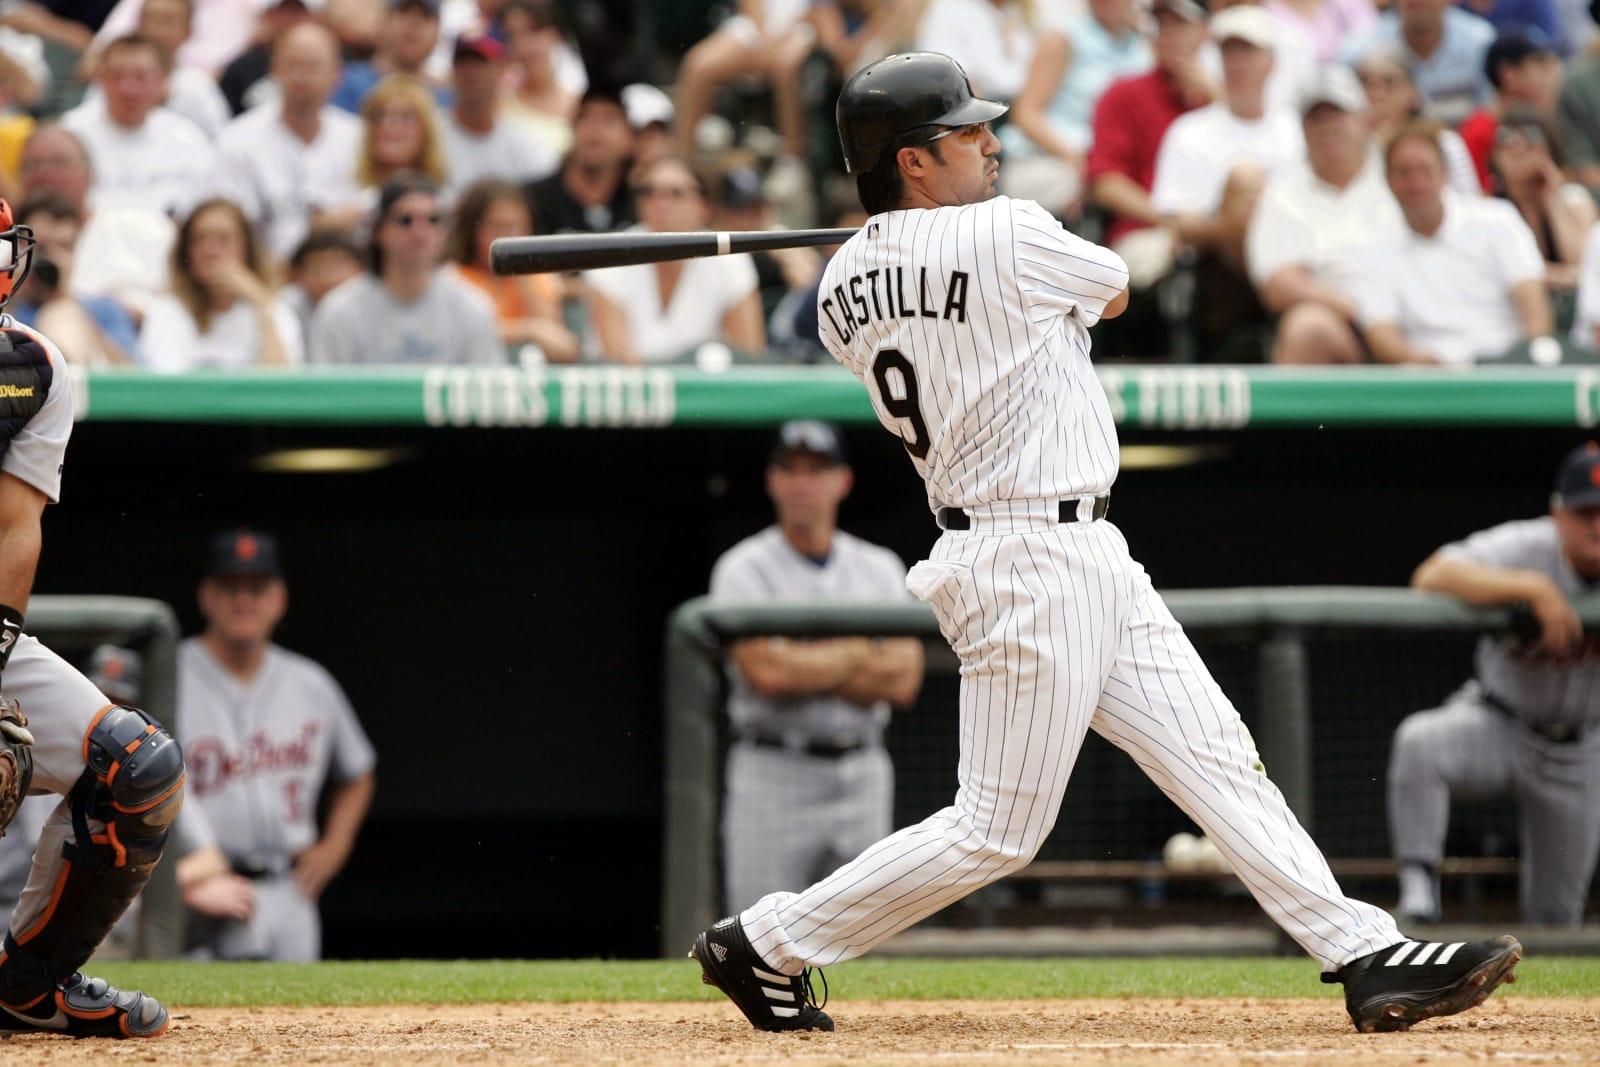 Vinny Castilla batting for the Colorado Rockies